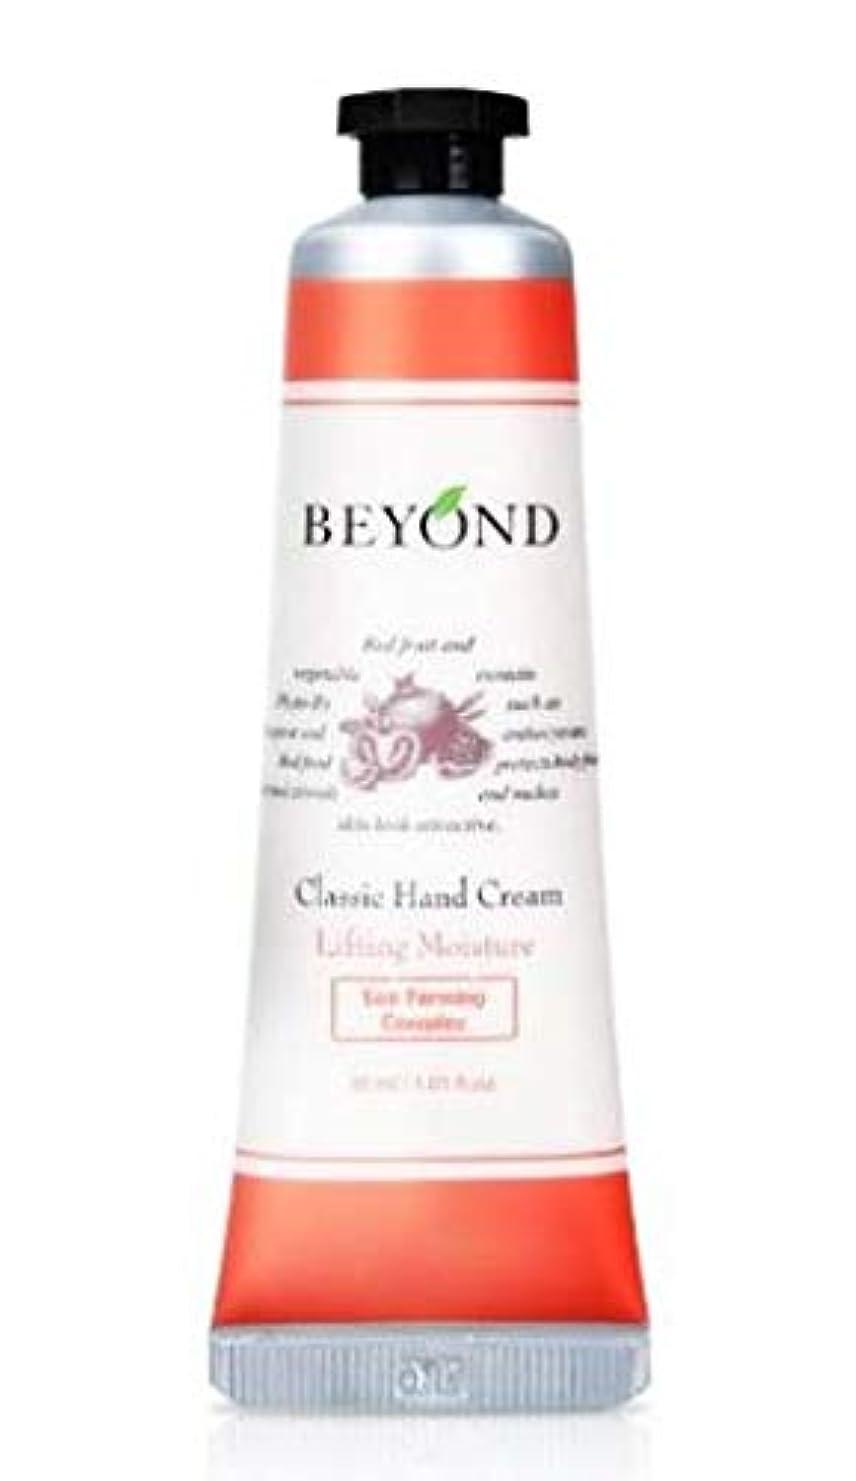 潮バナー変化[ビヨンド] BEYOND [クラシッ クハンドクリーム - リフティング モイスチャー 30ml] Classic Hand Cream - Lifting Moisture 30ml [海外直送品]